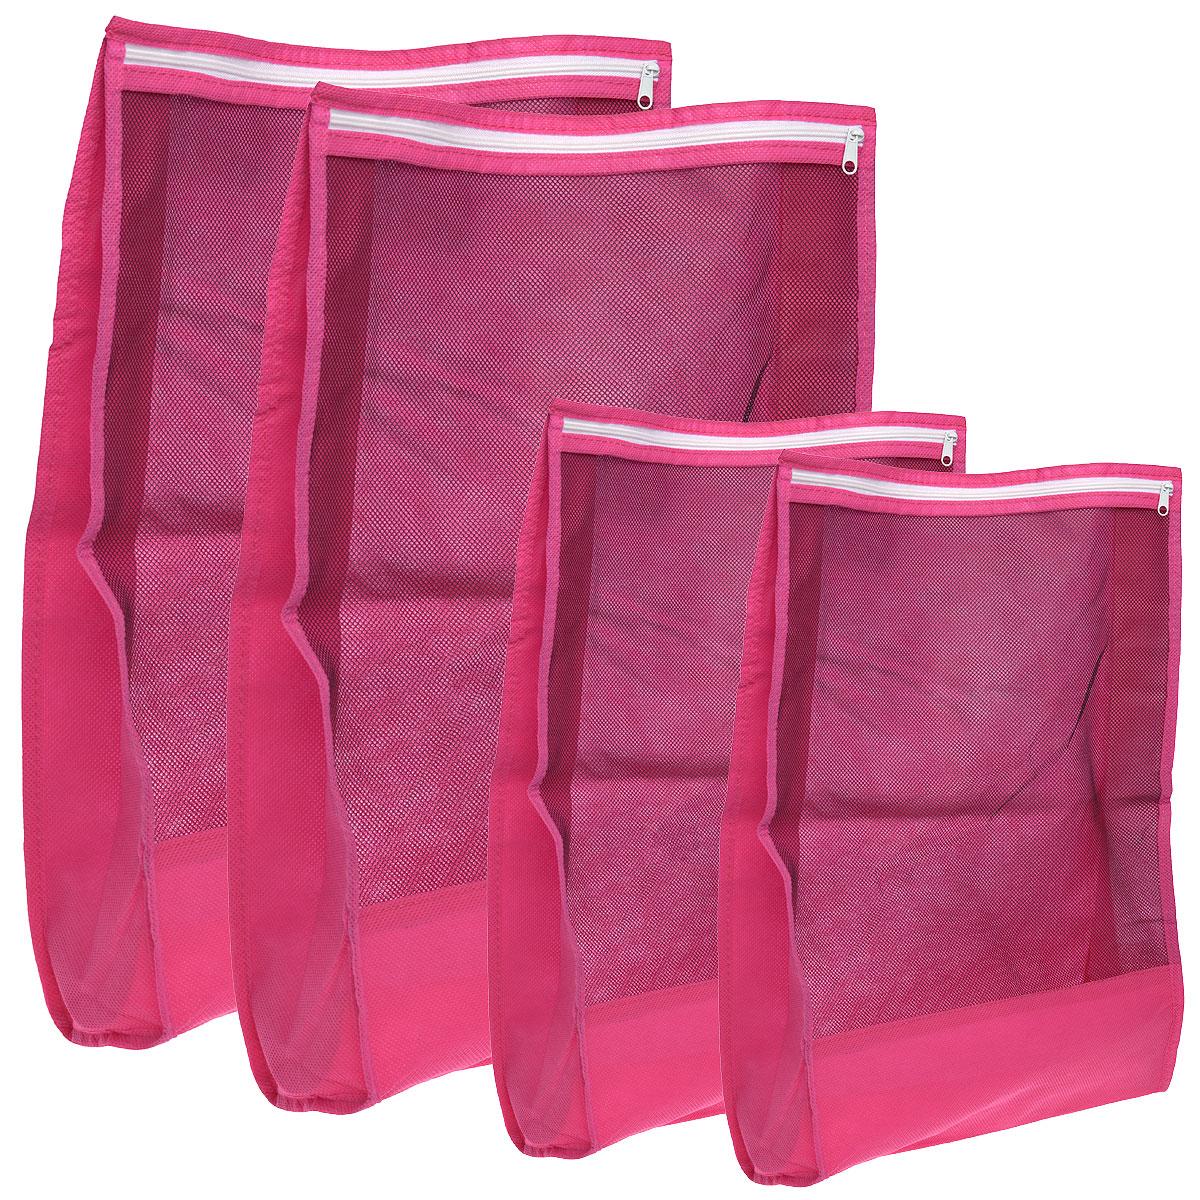 Набор чехлов для путешествий Hausmann, 4 шт3T-210Набор чехлов для путешествий Hausmann состоит из чехла для электроники и мелких предметов на молнии, малого чехла для одежды на молнии, чехла для белья на молнии, большого чехла для одежды на молнии. Предметы набора изготовлены из высококачественной вискозы. Чехлы закрываются на застежку-молнию и оснащены прозрачными вставками, благодаря которым вы без труда сможете определить их содержимое. Чехлы помогут аккуратно разместить и защитить вещи внутри чемодана, а также упростят сборы и распаковку вещей.